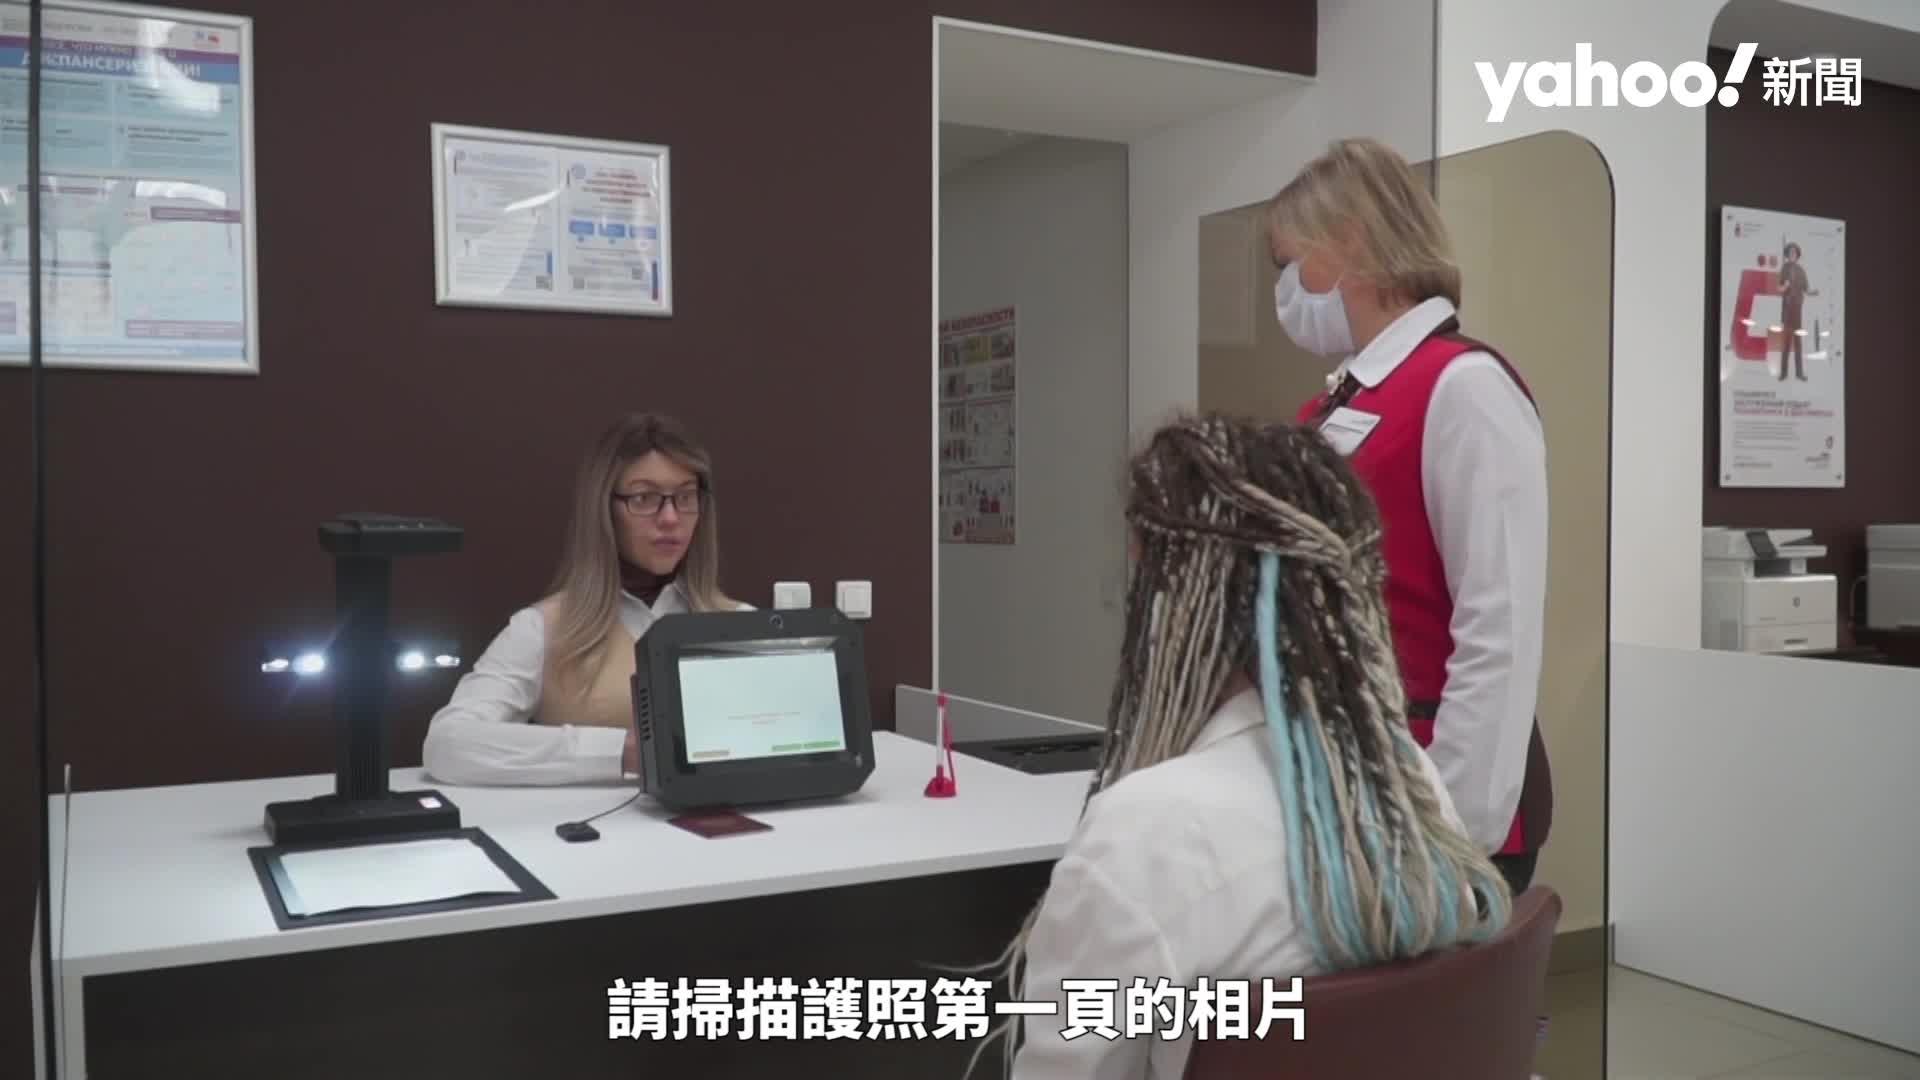 俄超擬真機器人商務助理 會填表格印文件 日省工時43分鐘